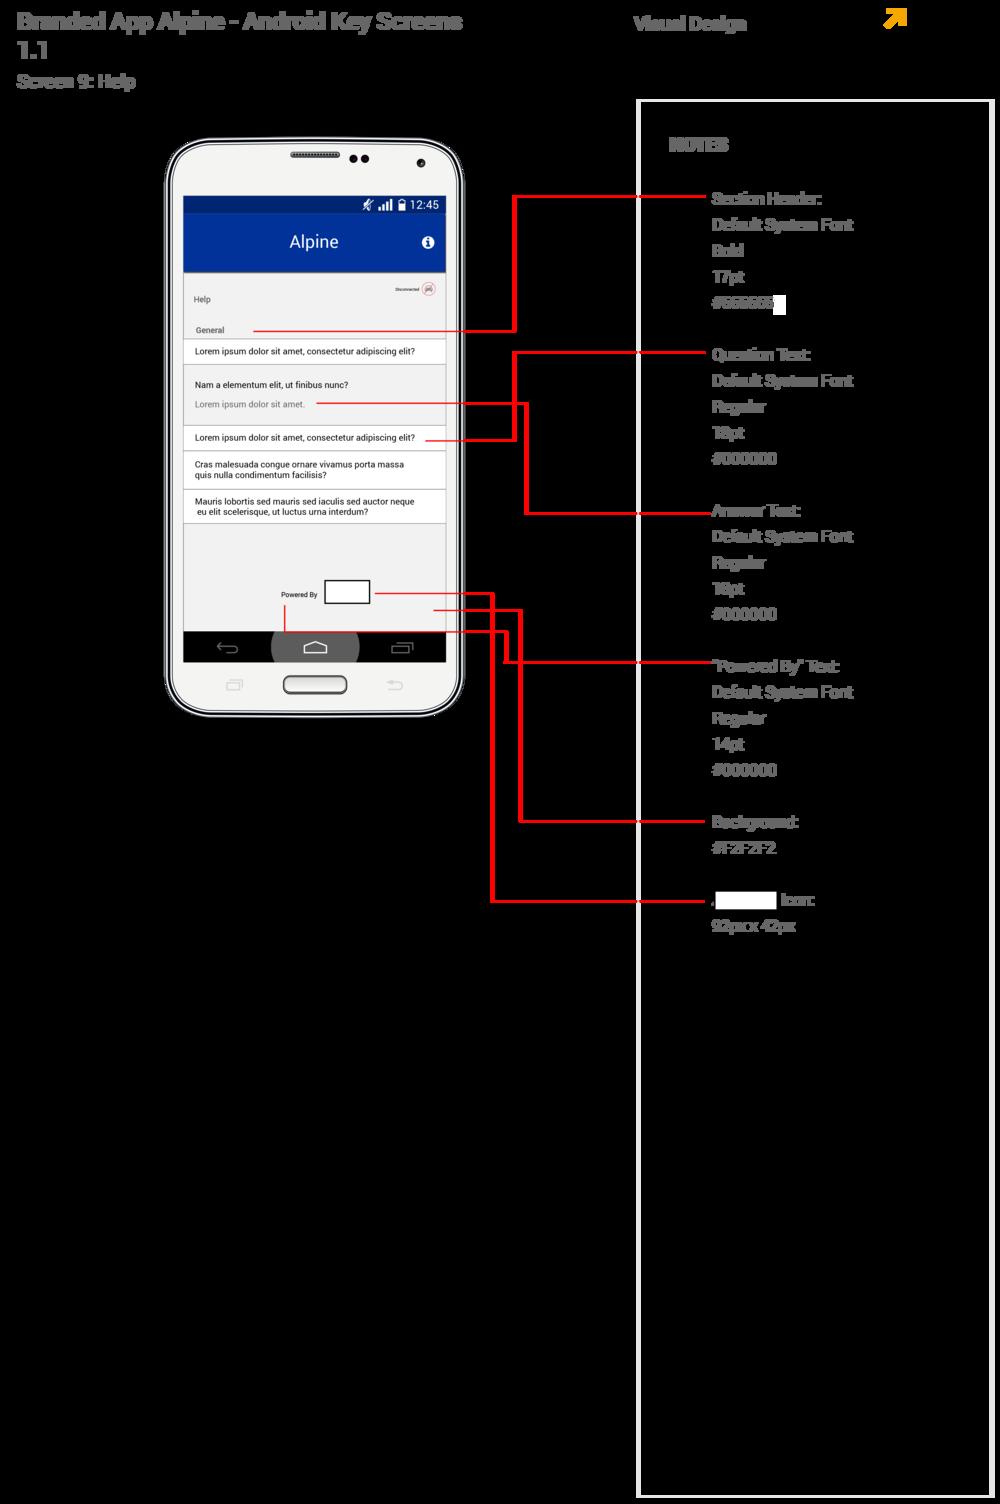 Alpine App_redacted-9.png